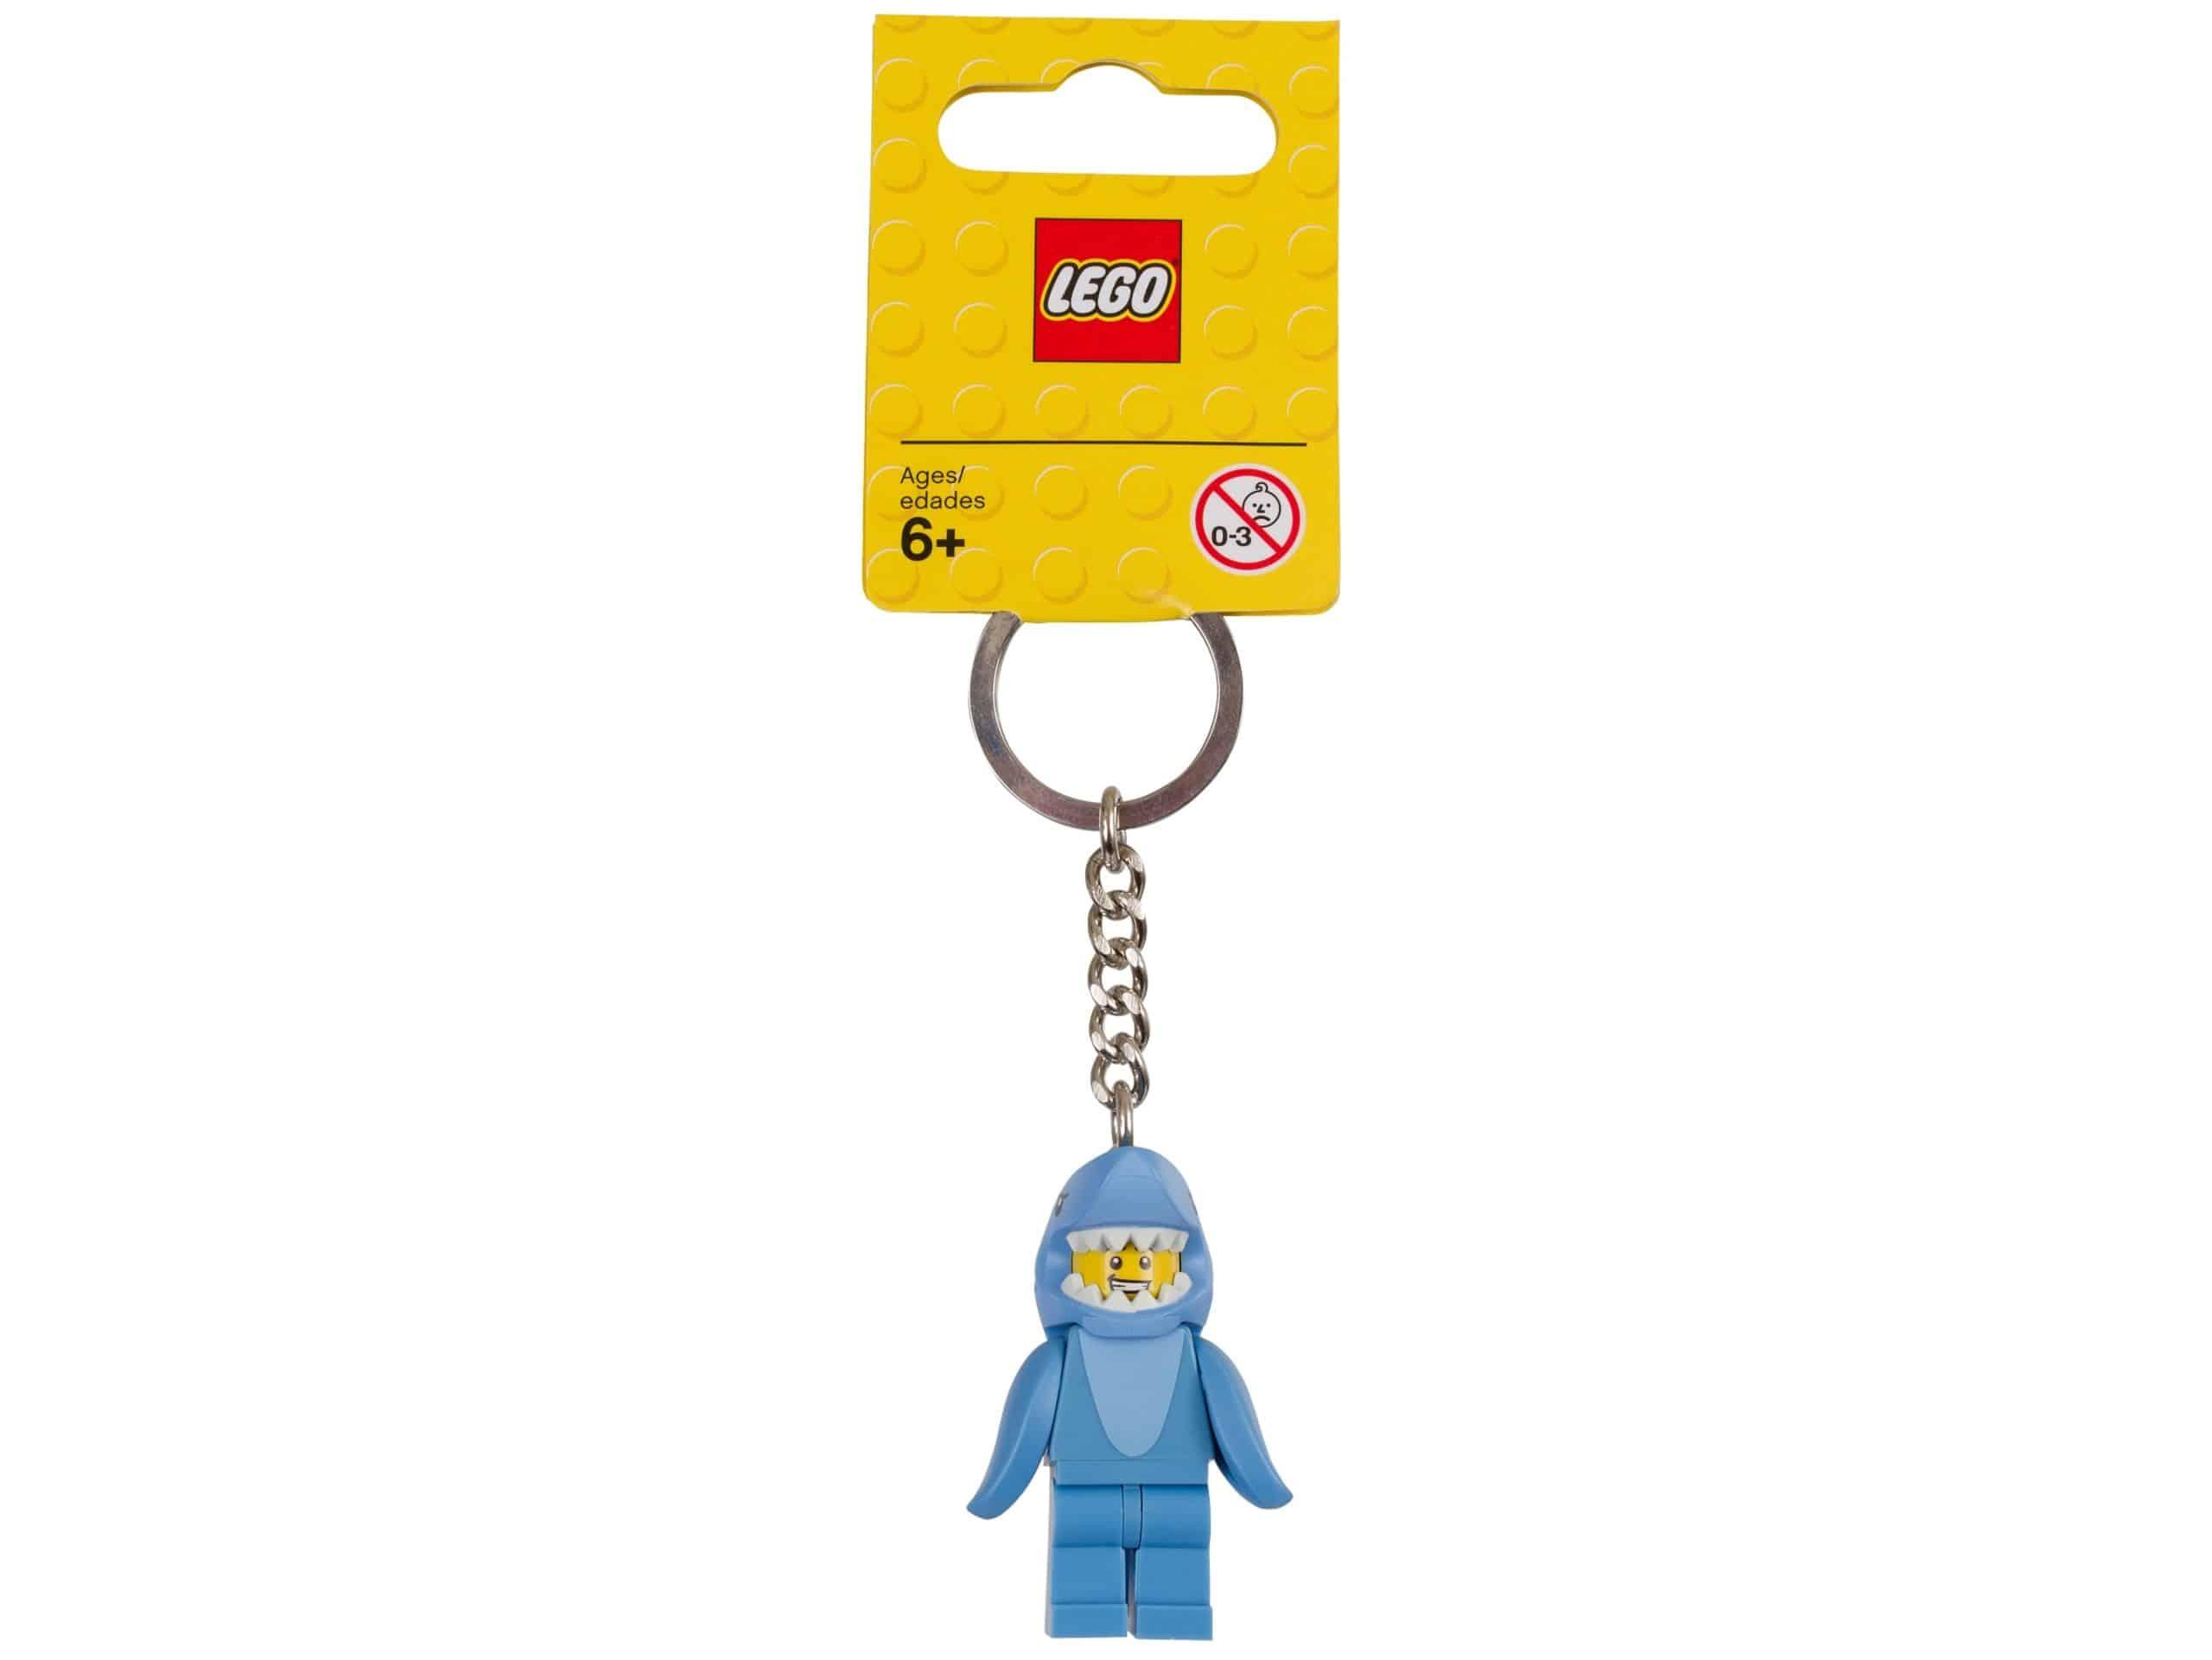 lego 853666 nyckelring kille i hajdrakt scaled